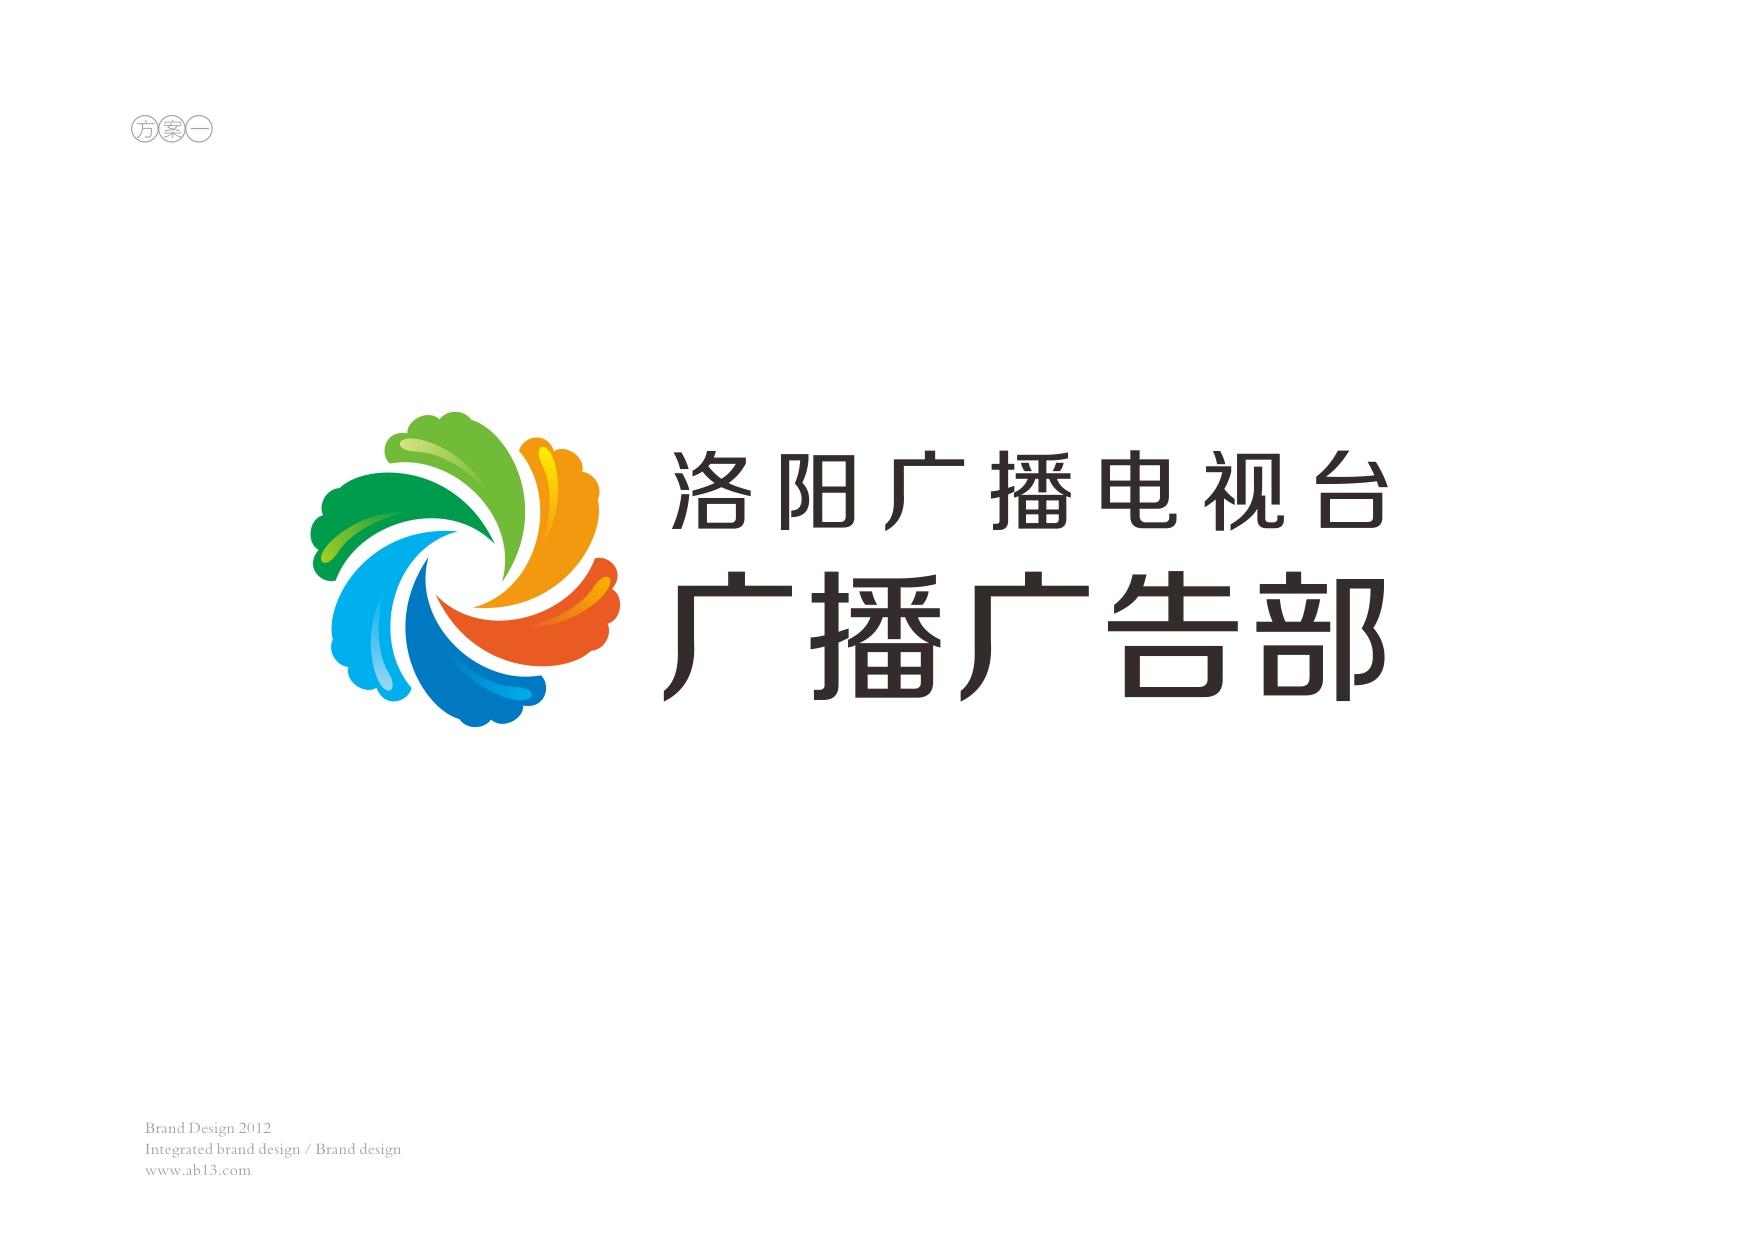 洛阳广播电视台|广播广告部 标志设计 - 林华锦@先生 - 林华锦@先生